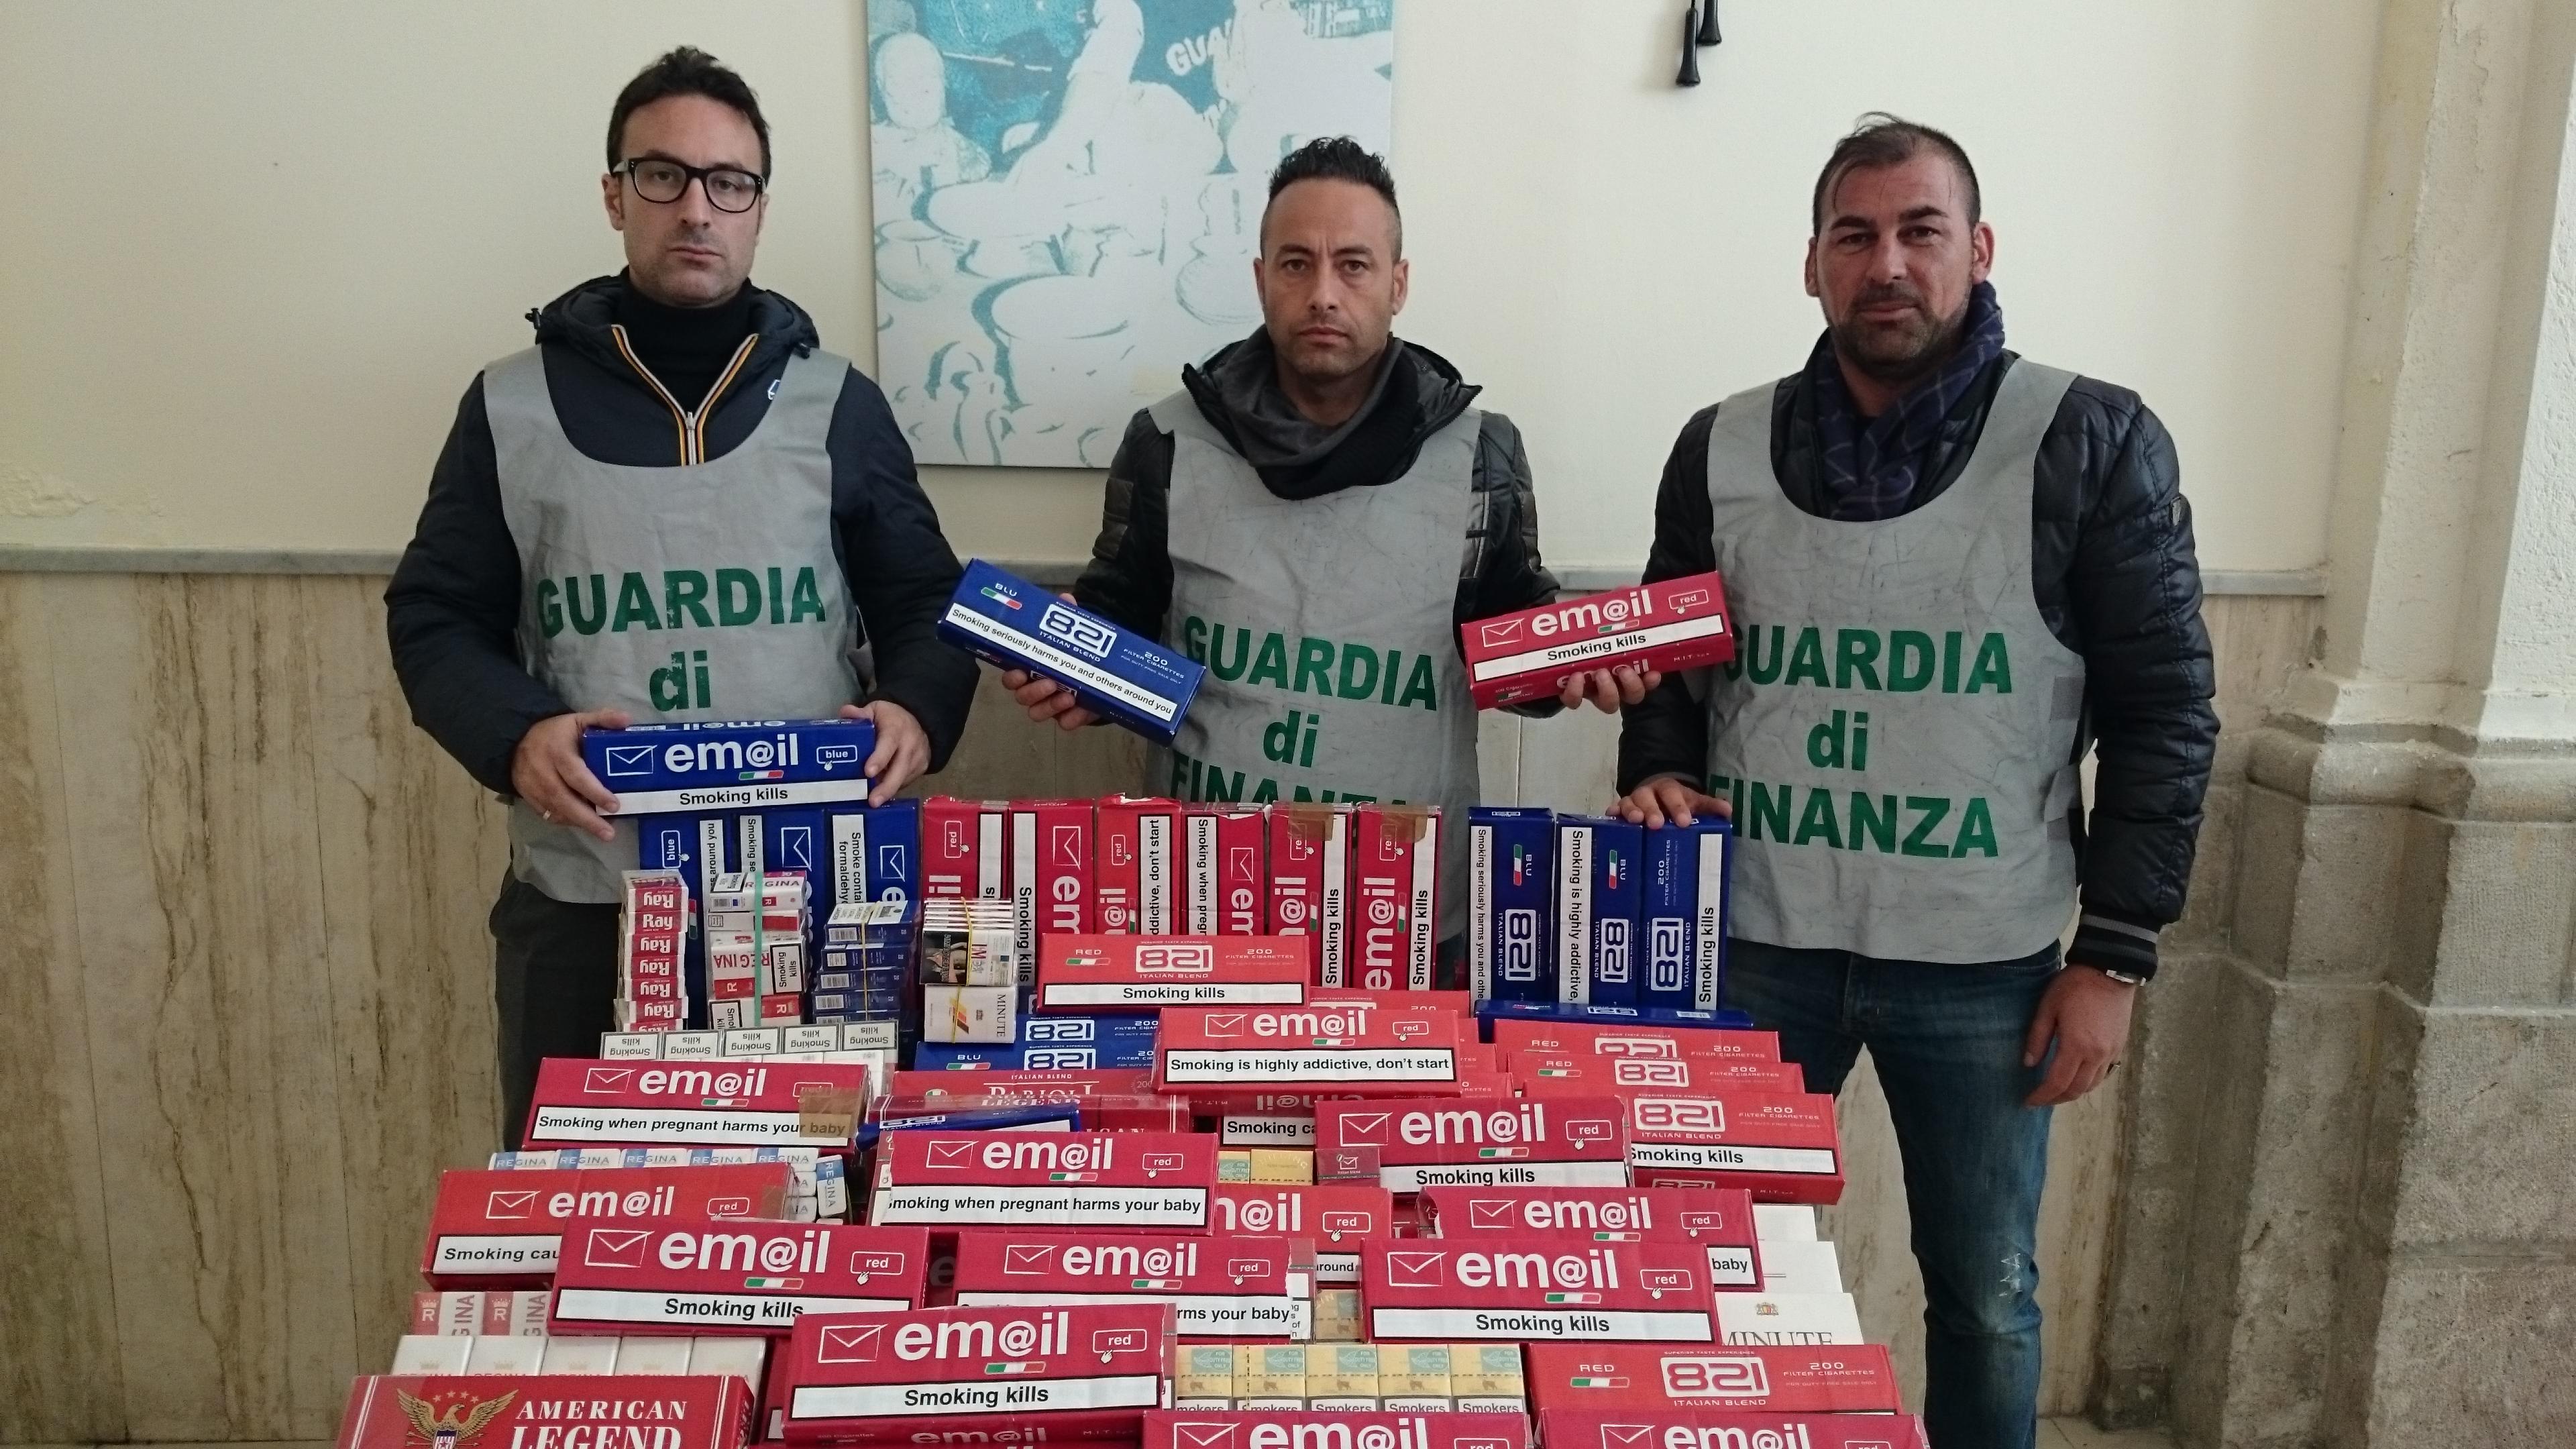 Sequestrate dai finanzieri 716 pacchetti di sigarette di contrabbando